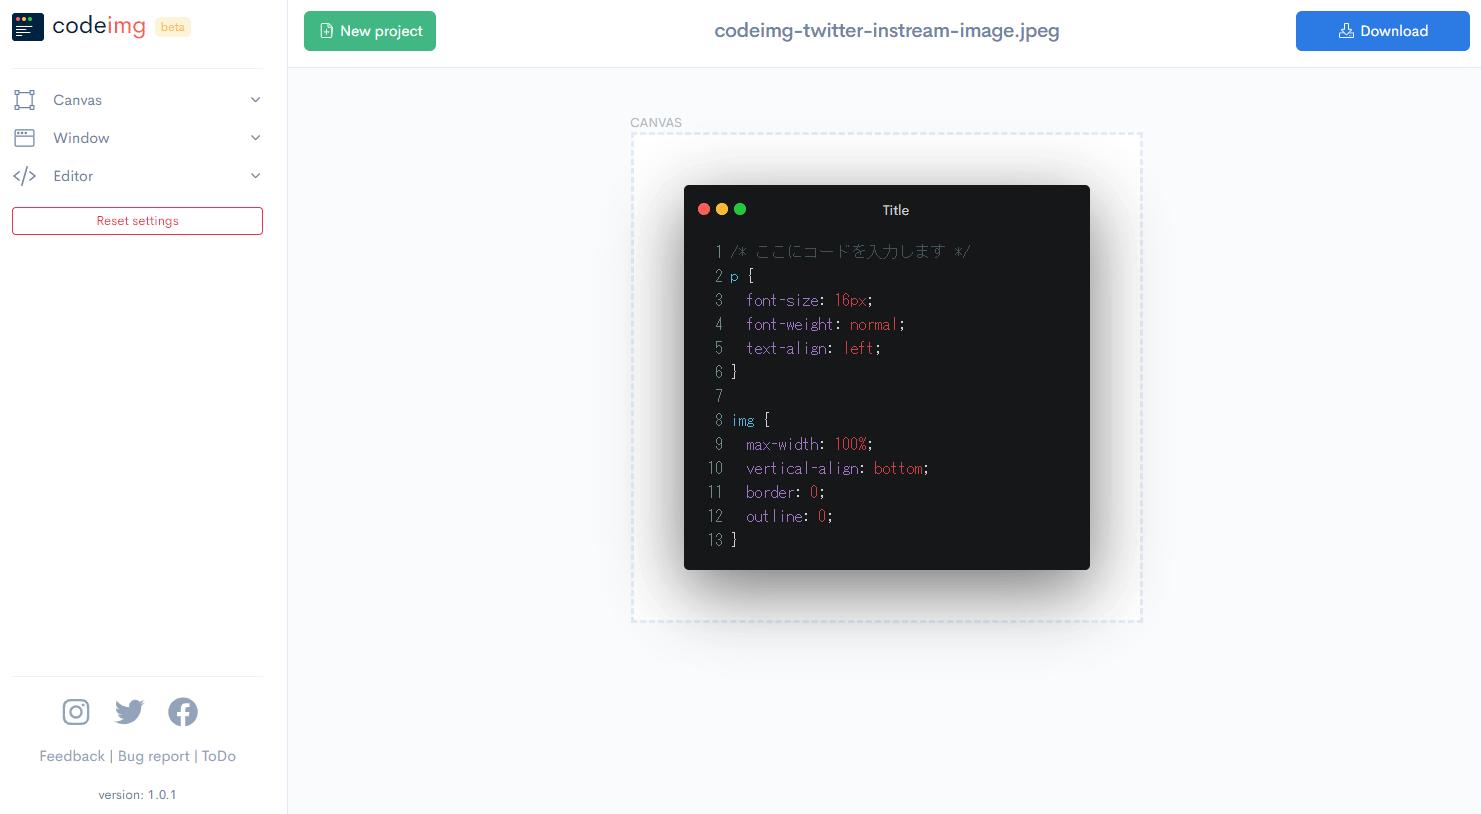 ソースコードを画像化してダウンロードできるWebサービス「Codeimg.io」